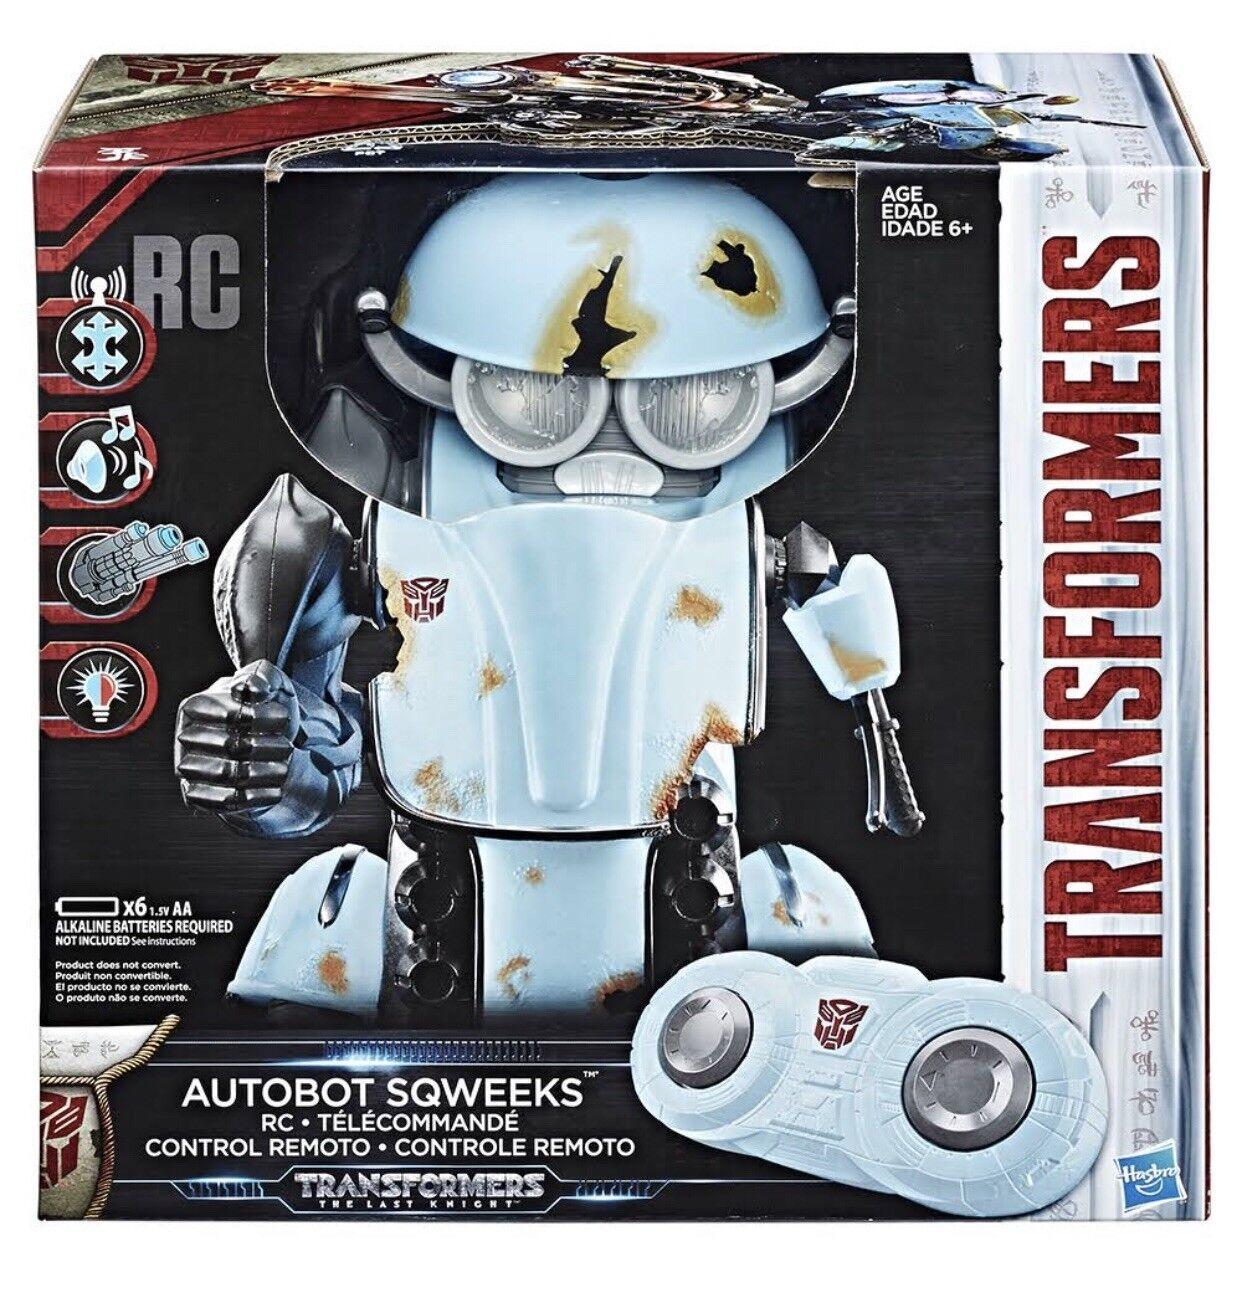 nuevo estilo Transformers Transformers Transformers 5 el último caballero Autobot sqweeks Control Remoto Rc Regalo Navidad  promociones